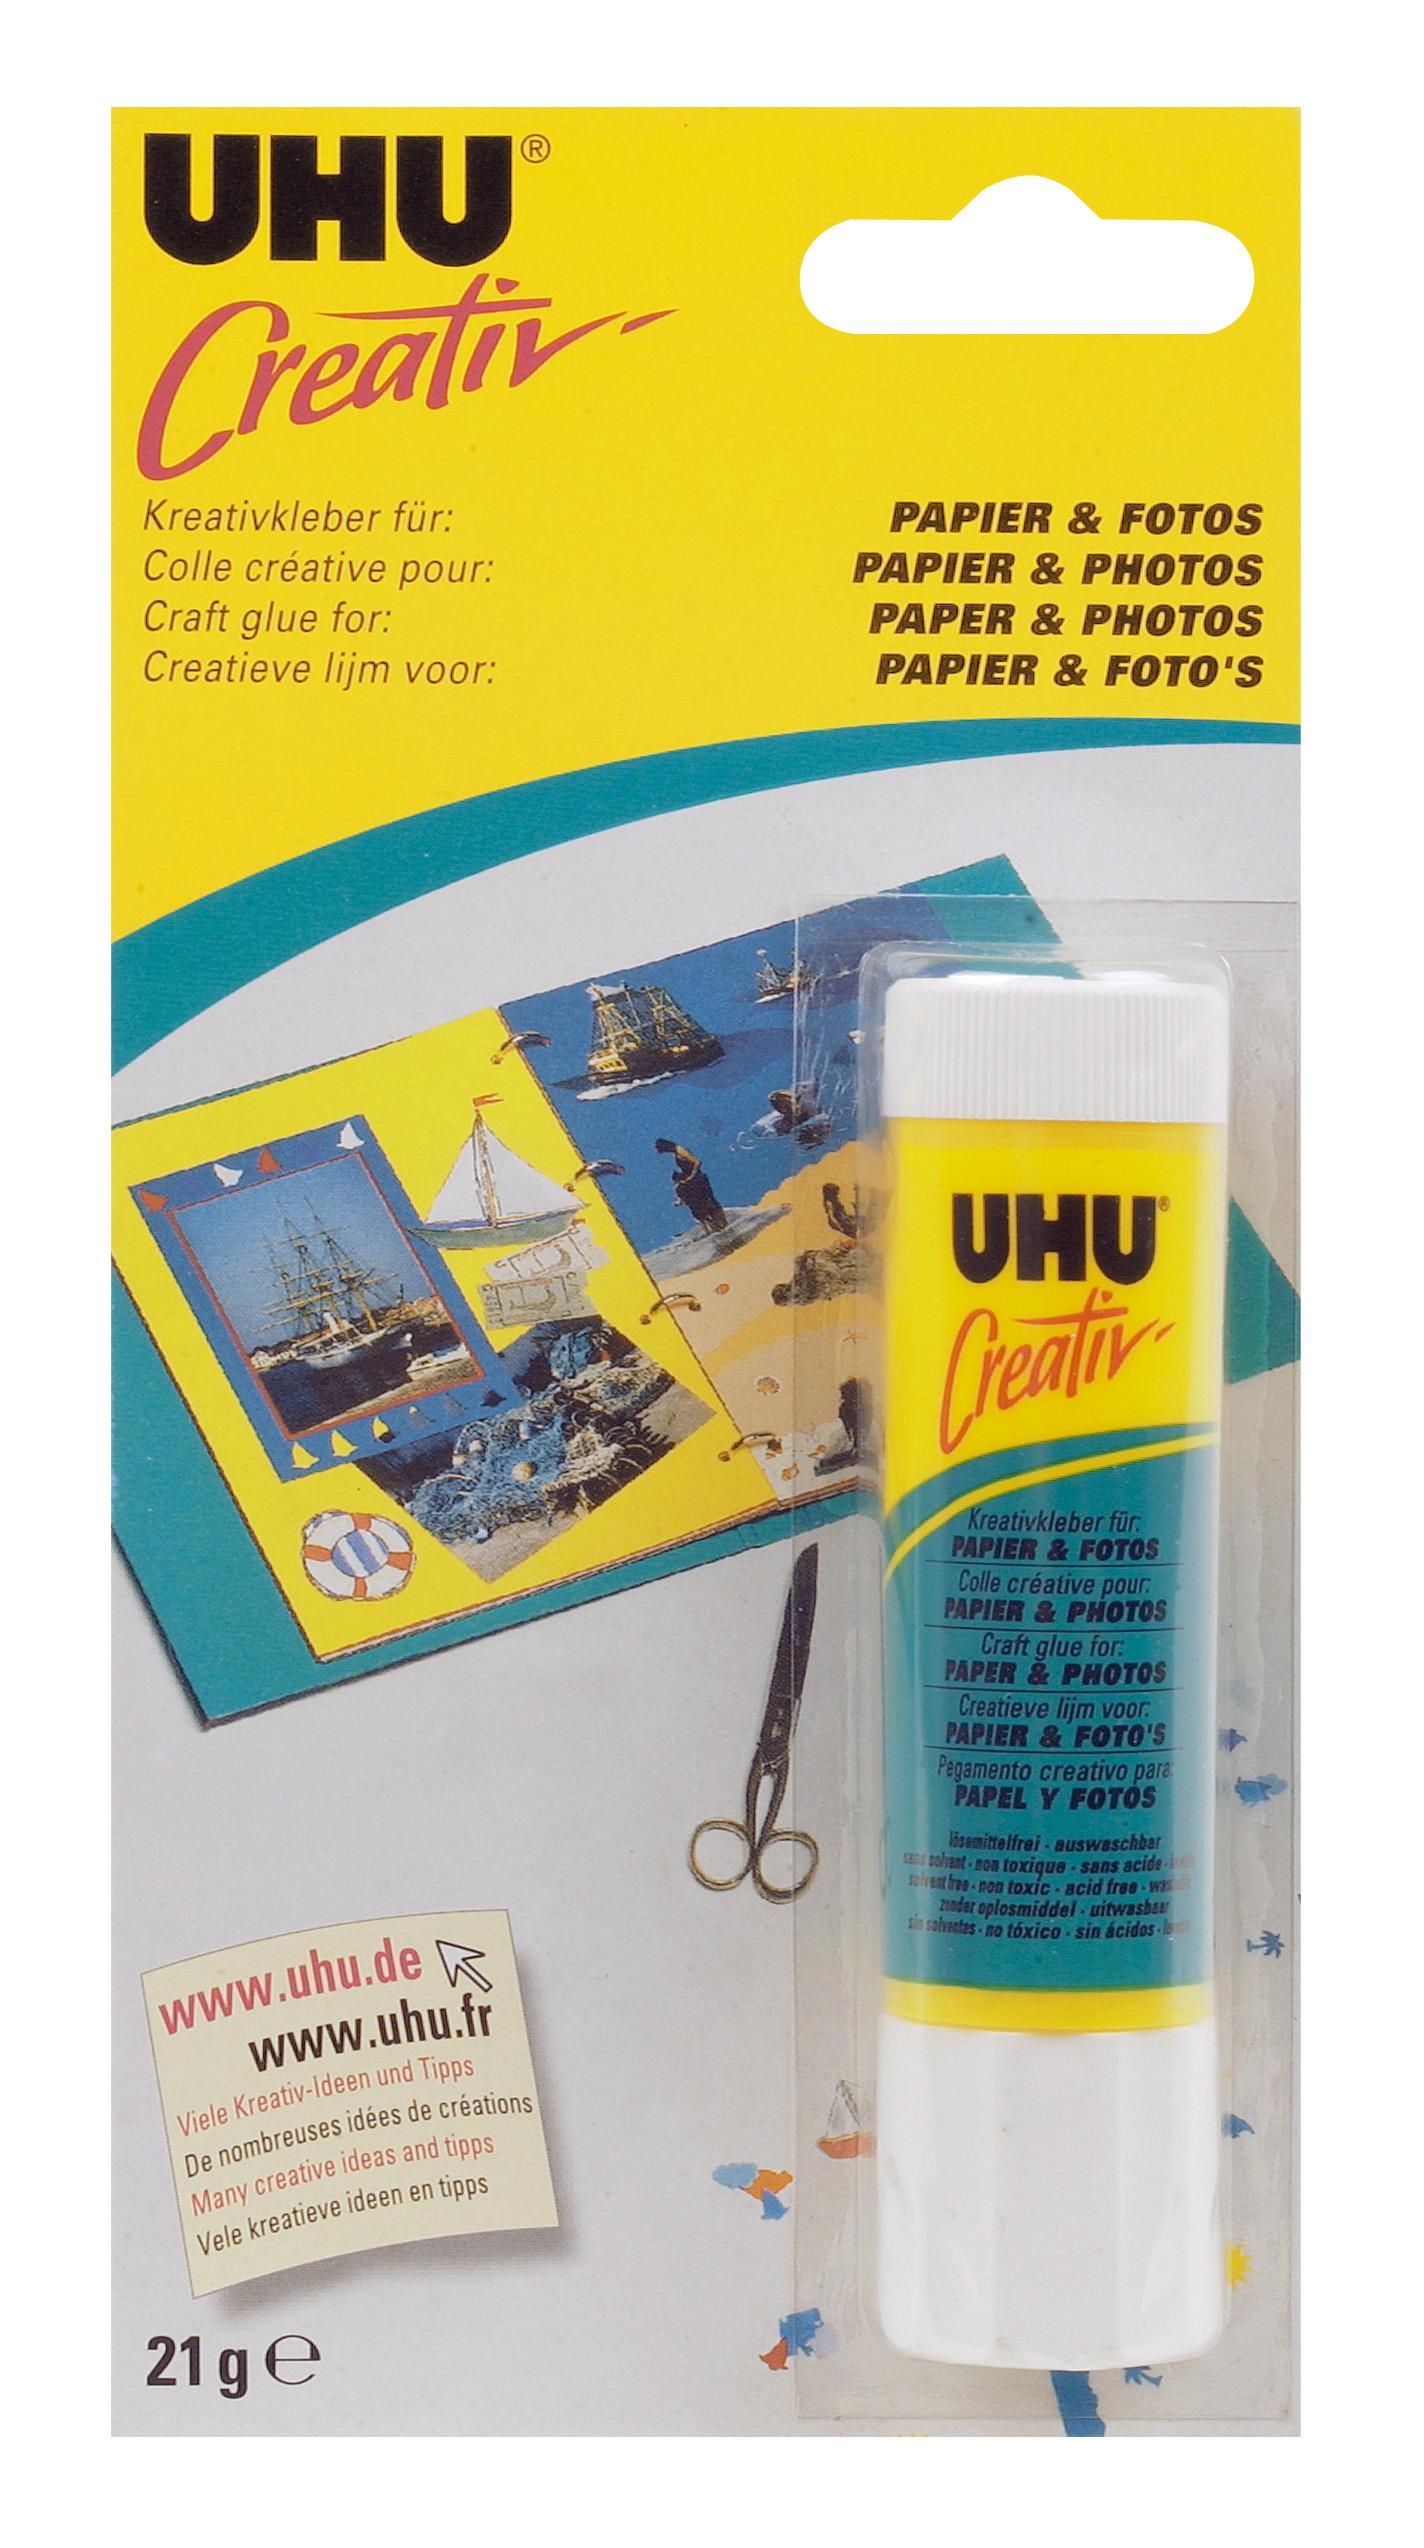 UHU Creativ' - Spezialkleber für PAPIER&FOTOS - Klebestift, Infokarte 21g